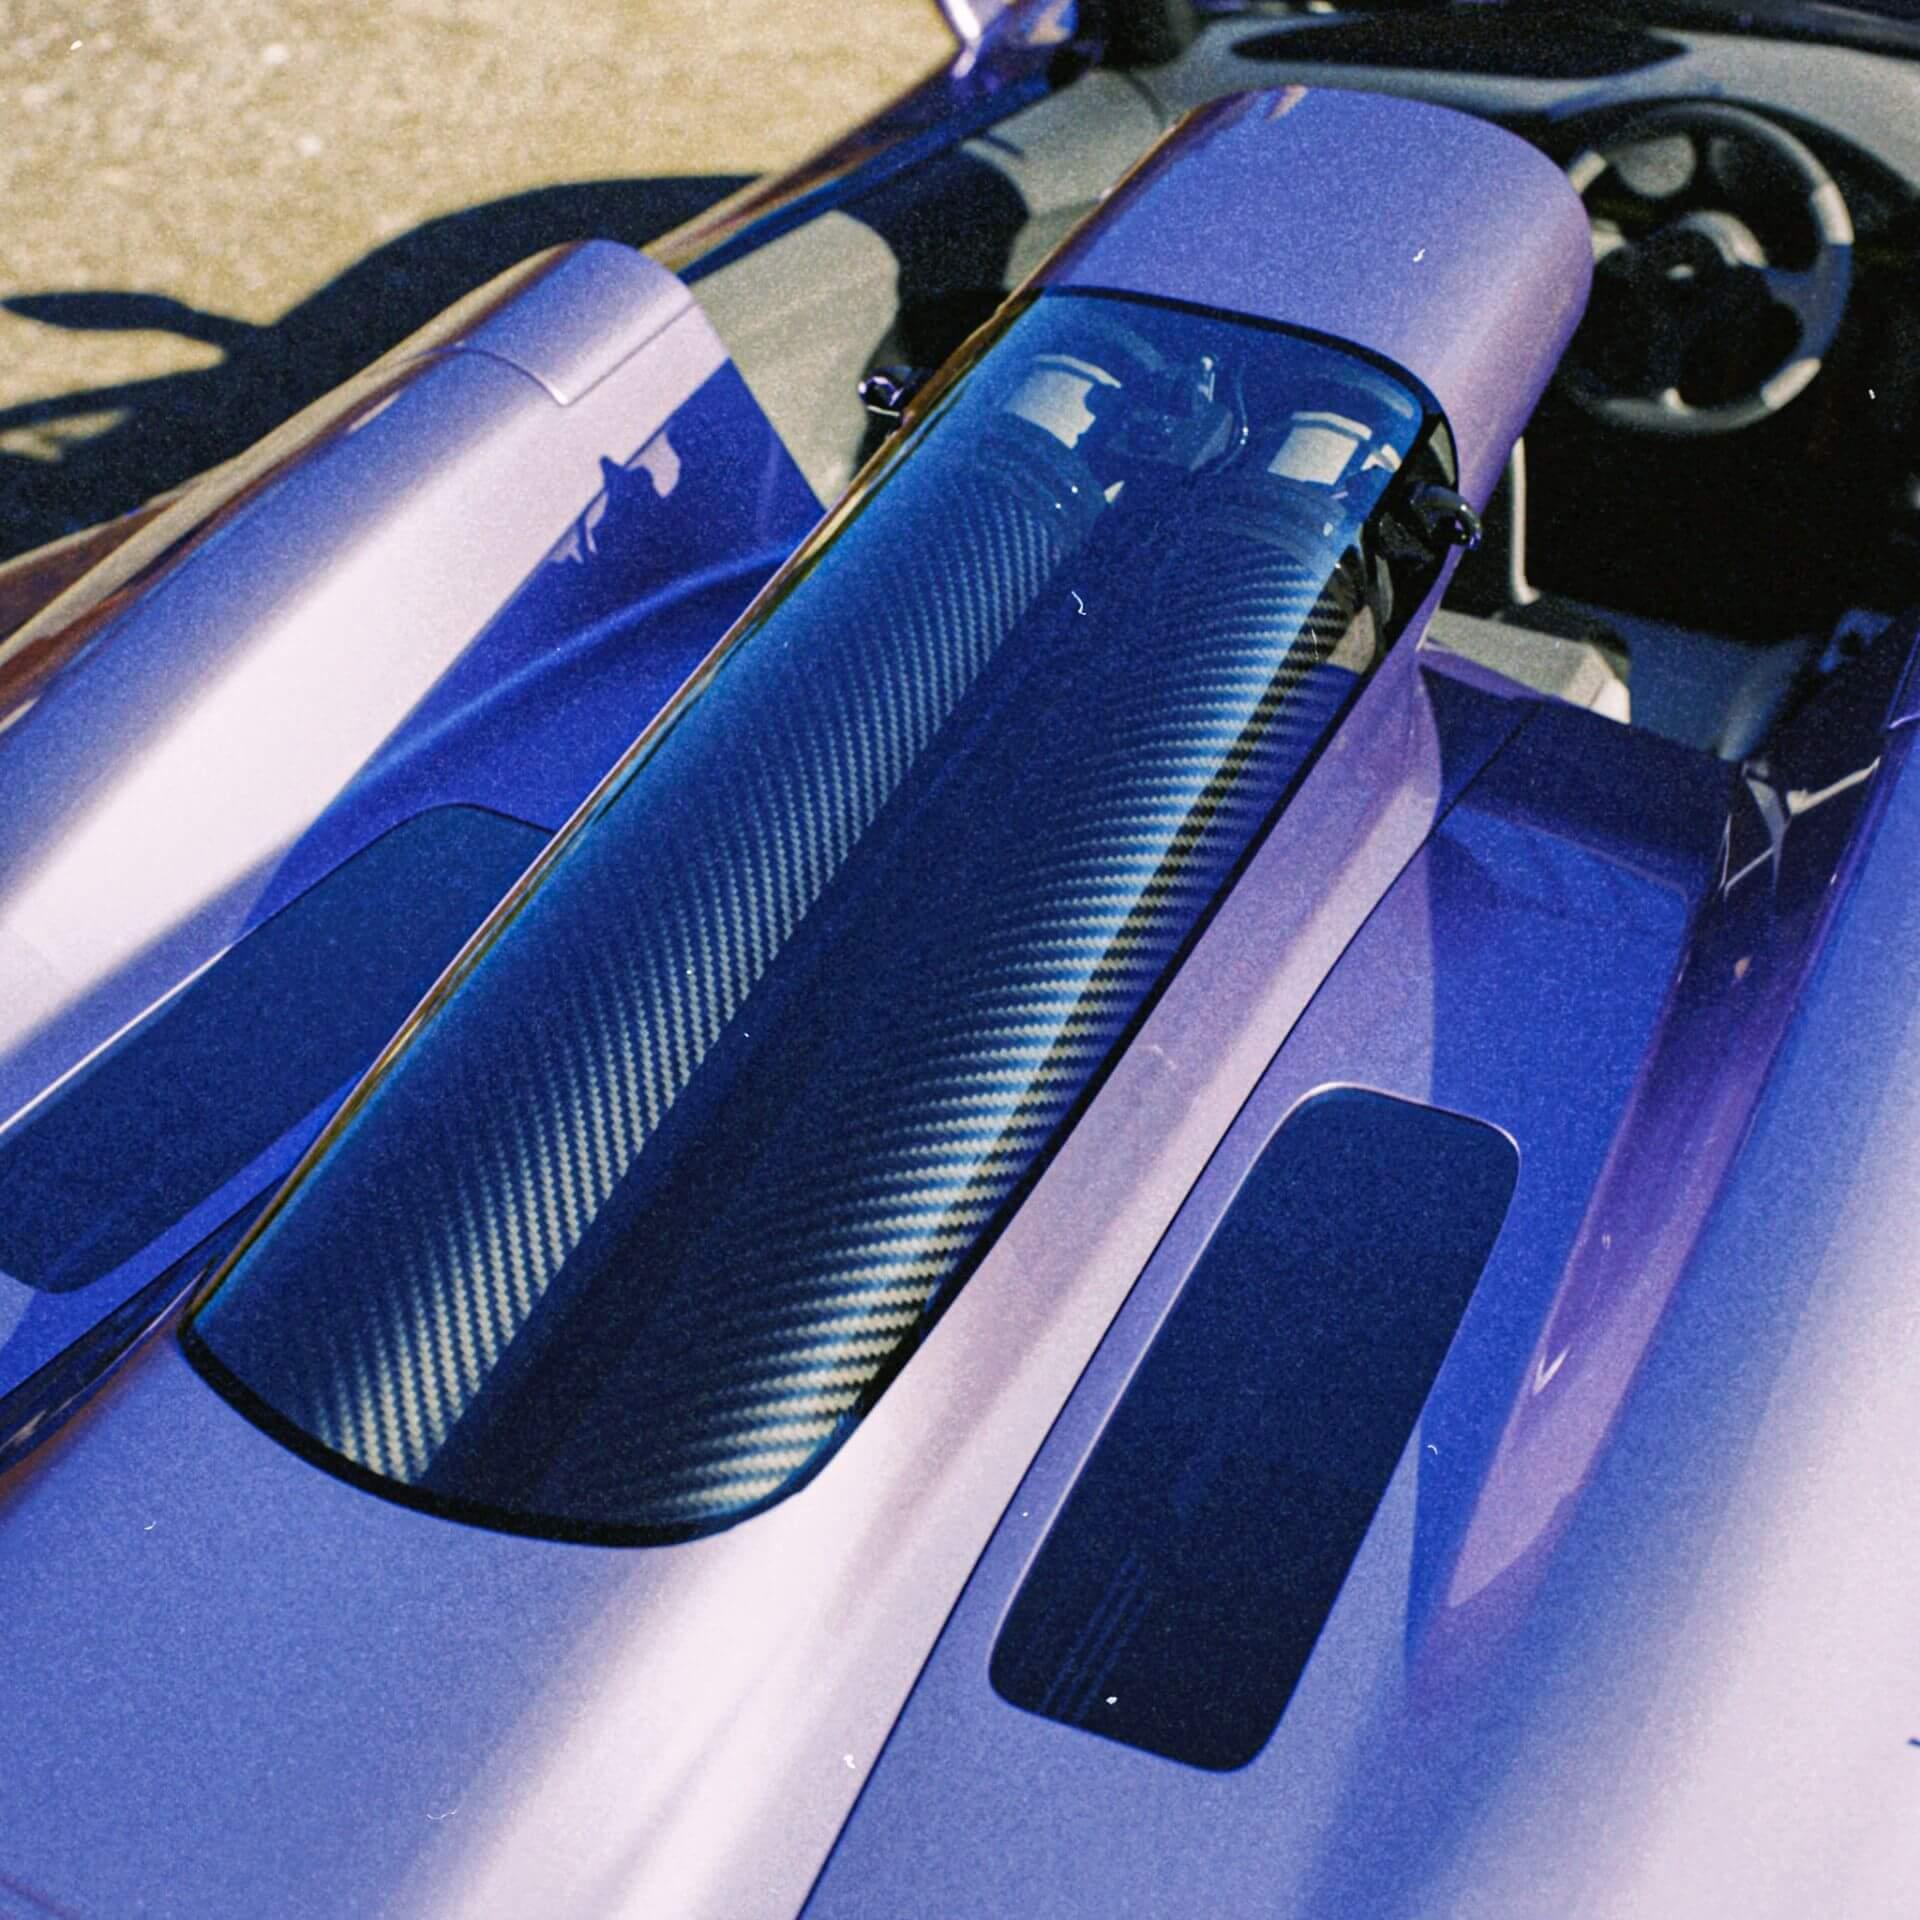 McLaren F1S, F1 Roadster